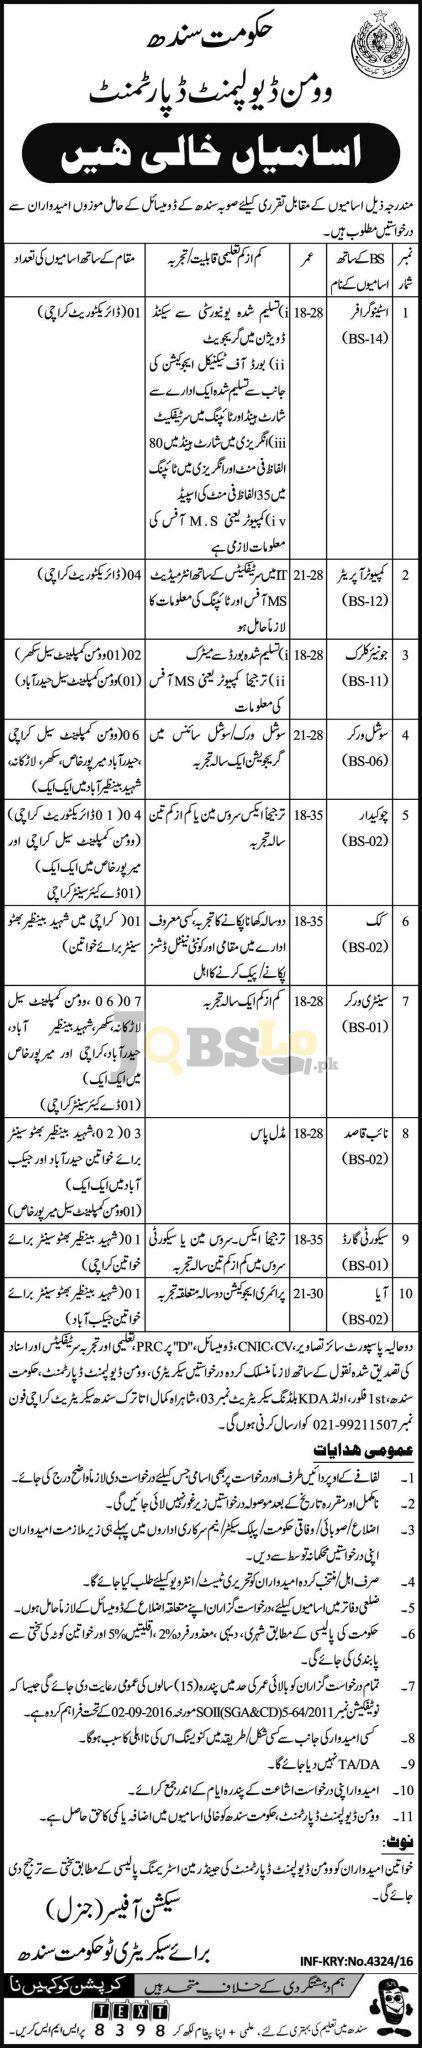 Women Development Department Sindh Jobs 2016 Advertisement Latest